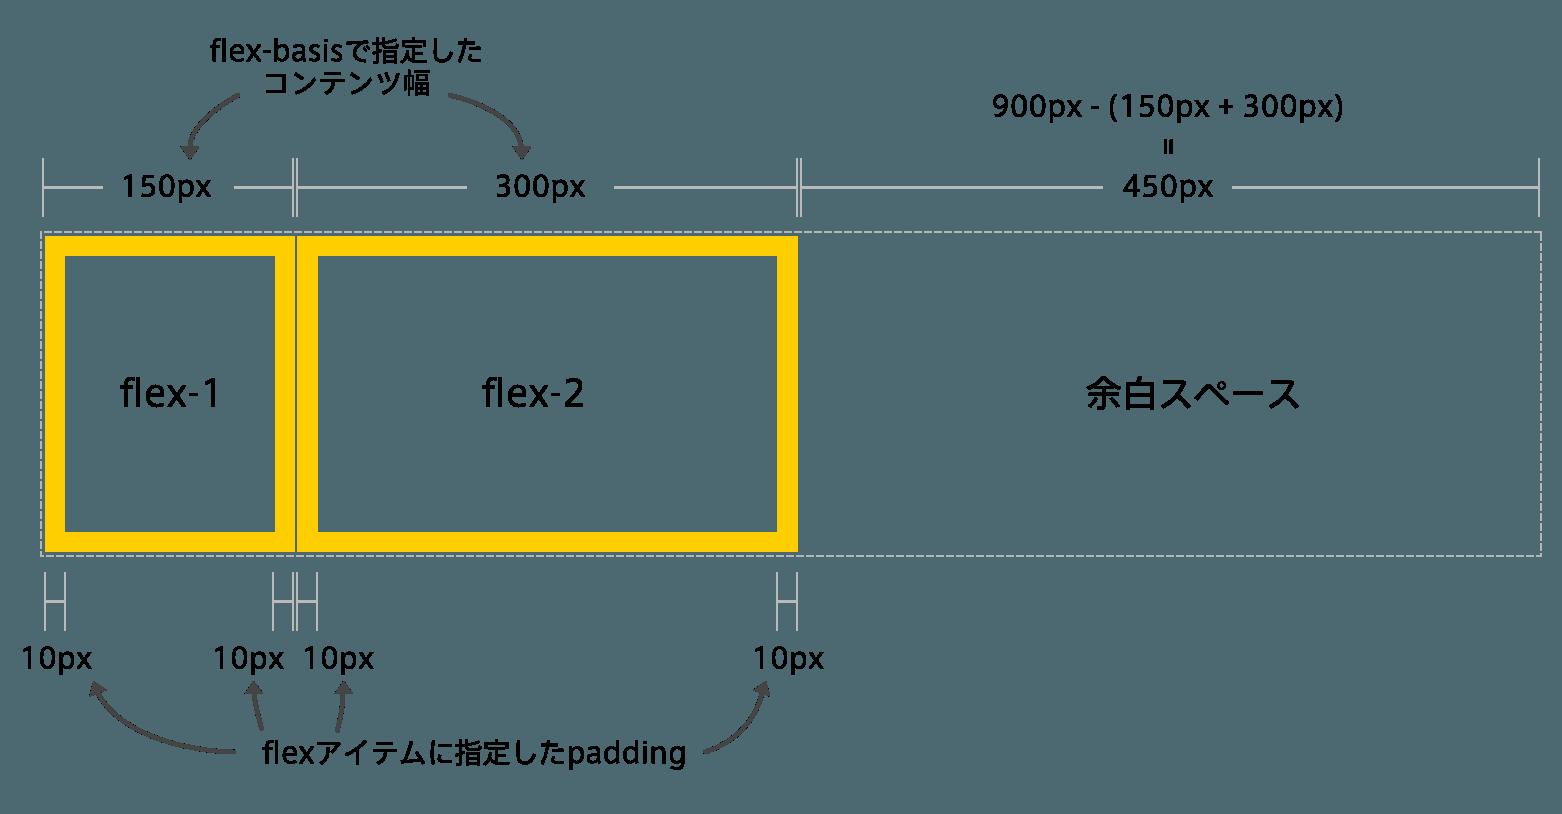 flex-with-padding-box-sizing-border-box